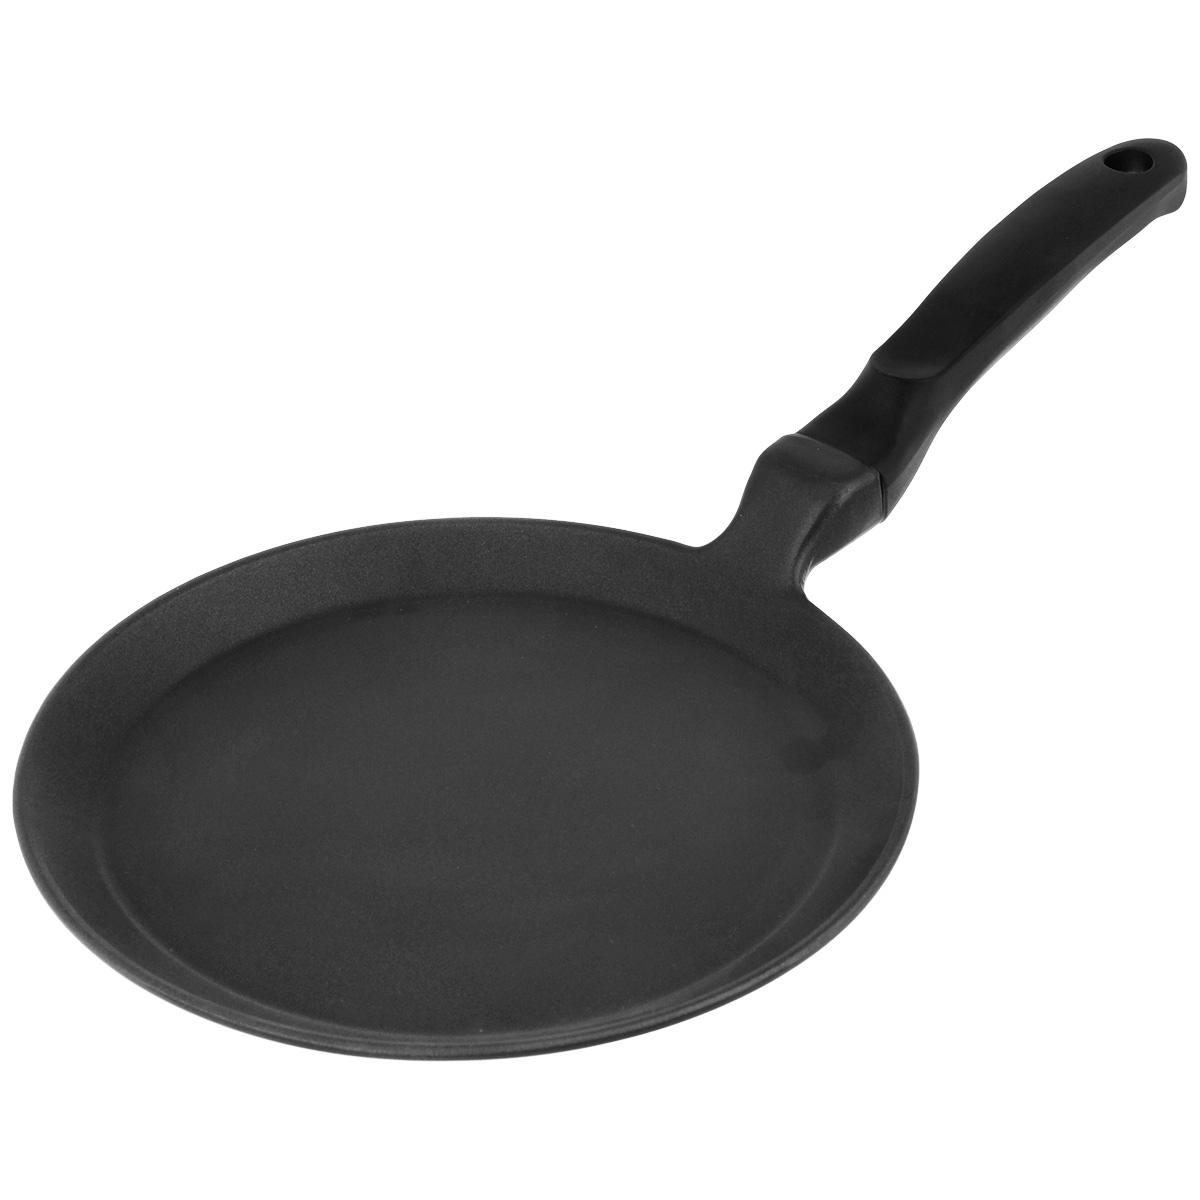 Сковорода блинная Risoli Saporella, с антипригарным покрытием. Диаметр 25 см000106/25T0FСковорода блинная Risoli Saporella изготовлена из литого алюминия с антипригарным покрытием. Сковорода идеальна для приготовления пищи с минимальным количеством масла. Изделие оснащено удобной бакелитовой ручкой. Подходит для газовых и электрических плит. Не подходит для индукционных плит. Можно мыть в посудомоечной машине. Диаметр (по верхнему краю): 25 см. Высота: 1,8 см. Длина ручки: 17 см. Толщина стенки: 4 мм. Толщина дна: 5 мм.